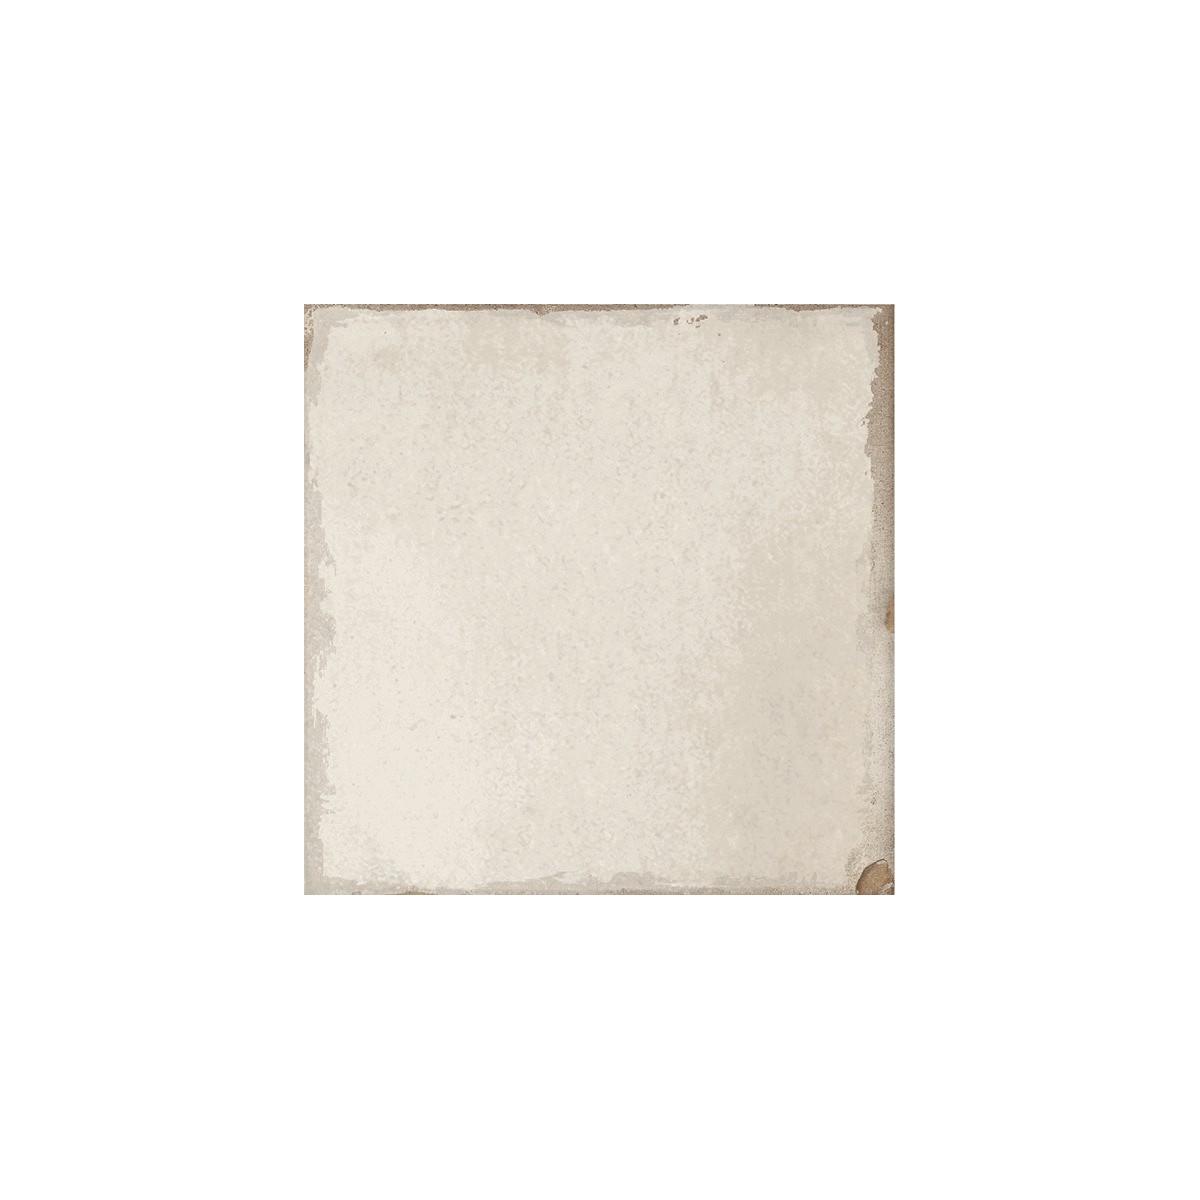 Baldosa Porcelánica imitación Hidráulico Village White 15 x 15